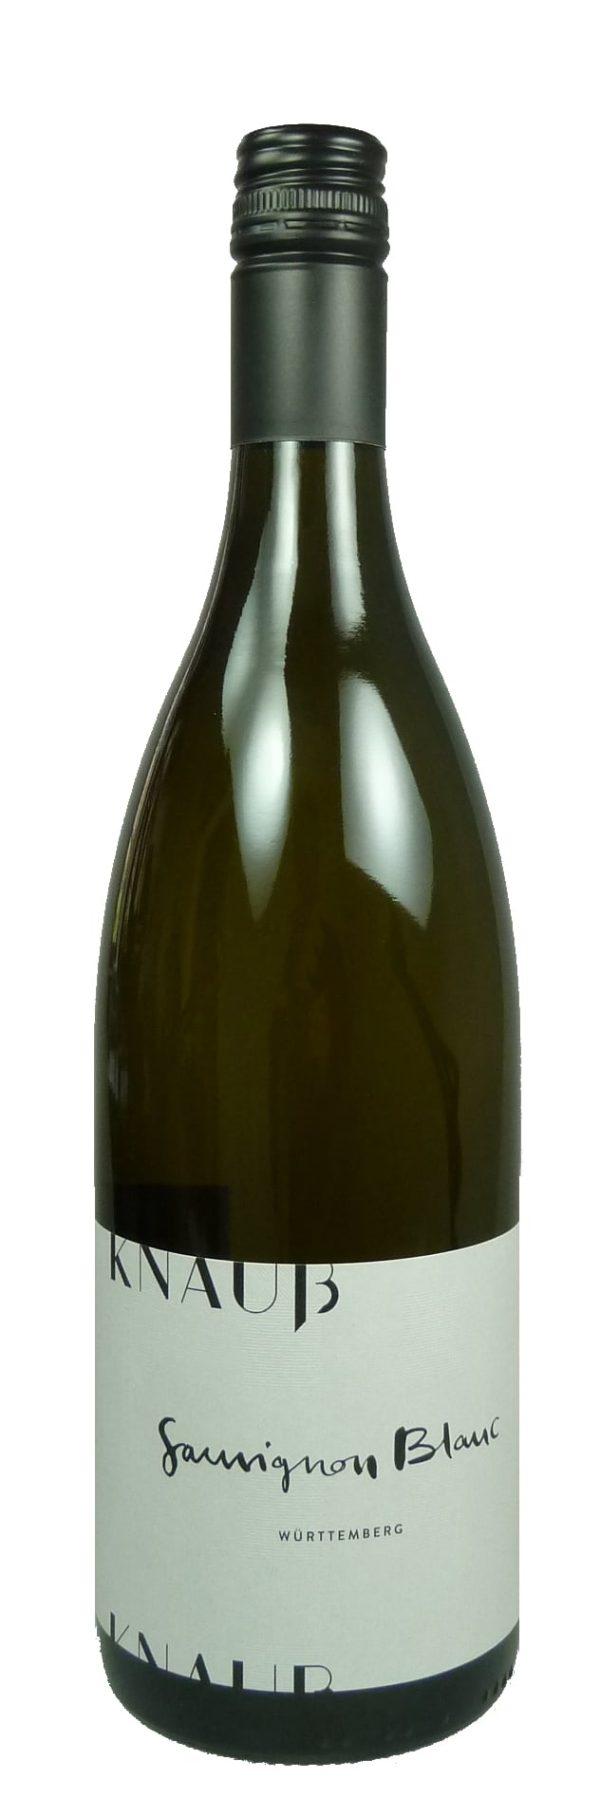 Sauvignon blanc Qualitätswein trocken 2017